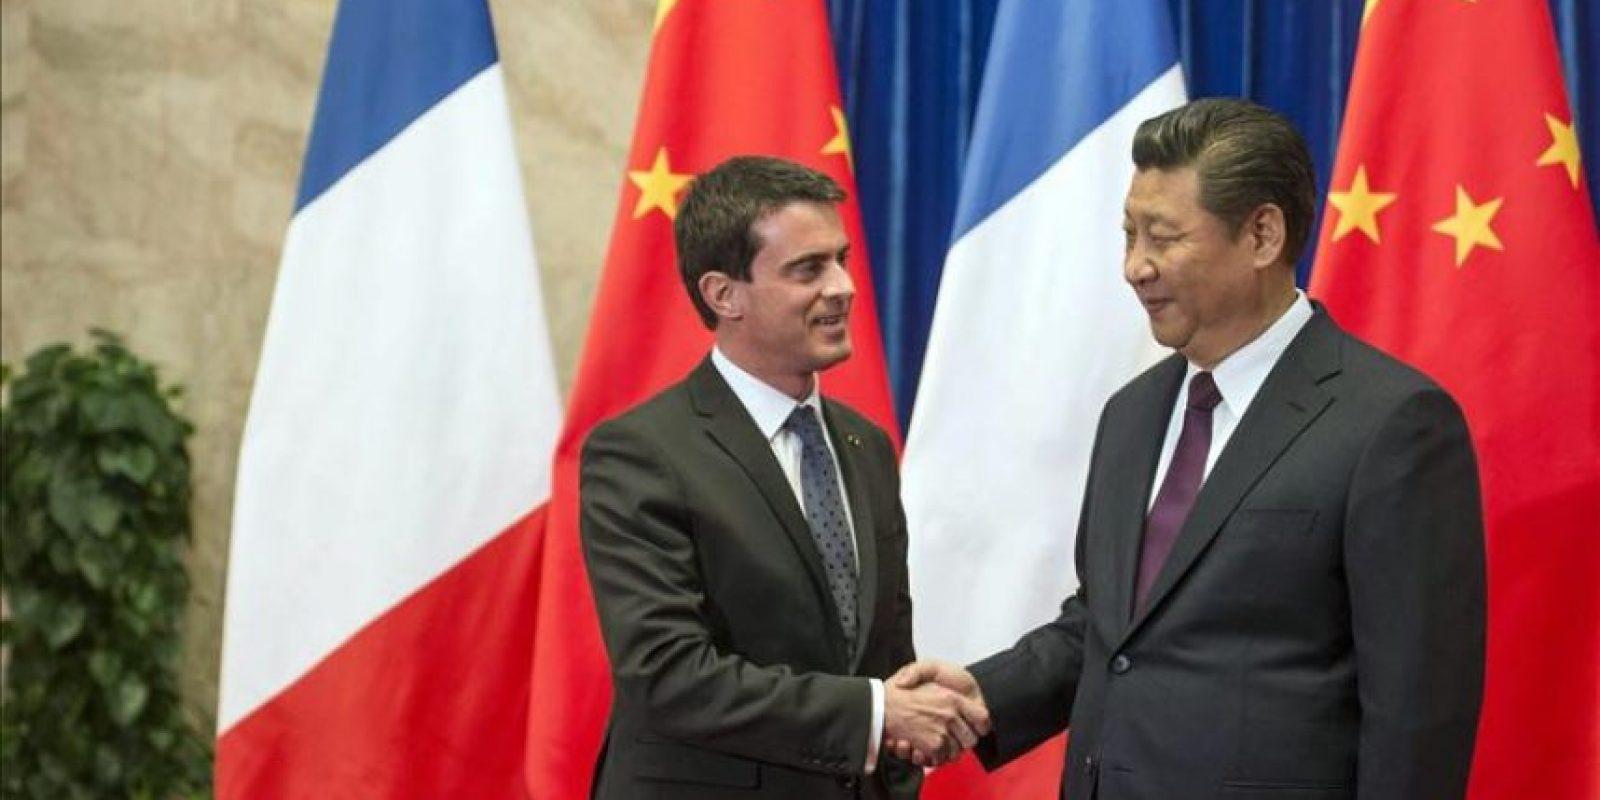 El presidente chino, Xi Jinping, estrecha la mano del primer ministro francés, Manuel Valls (i), durante su encuentro en Pekín, China, hoy, 30 de enero de 2015. EFE